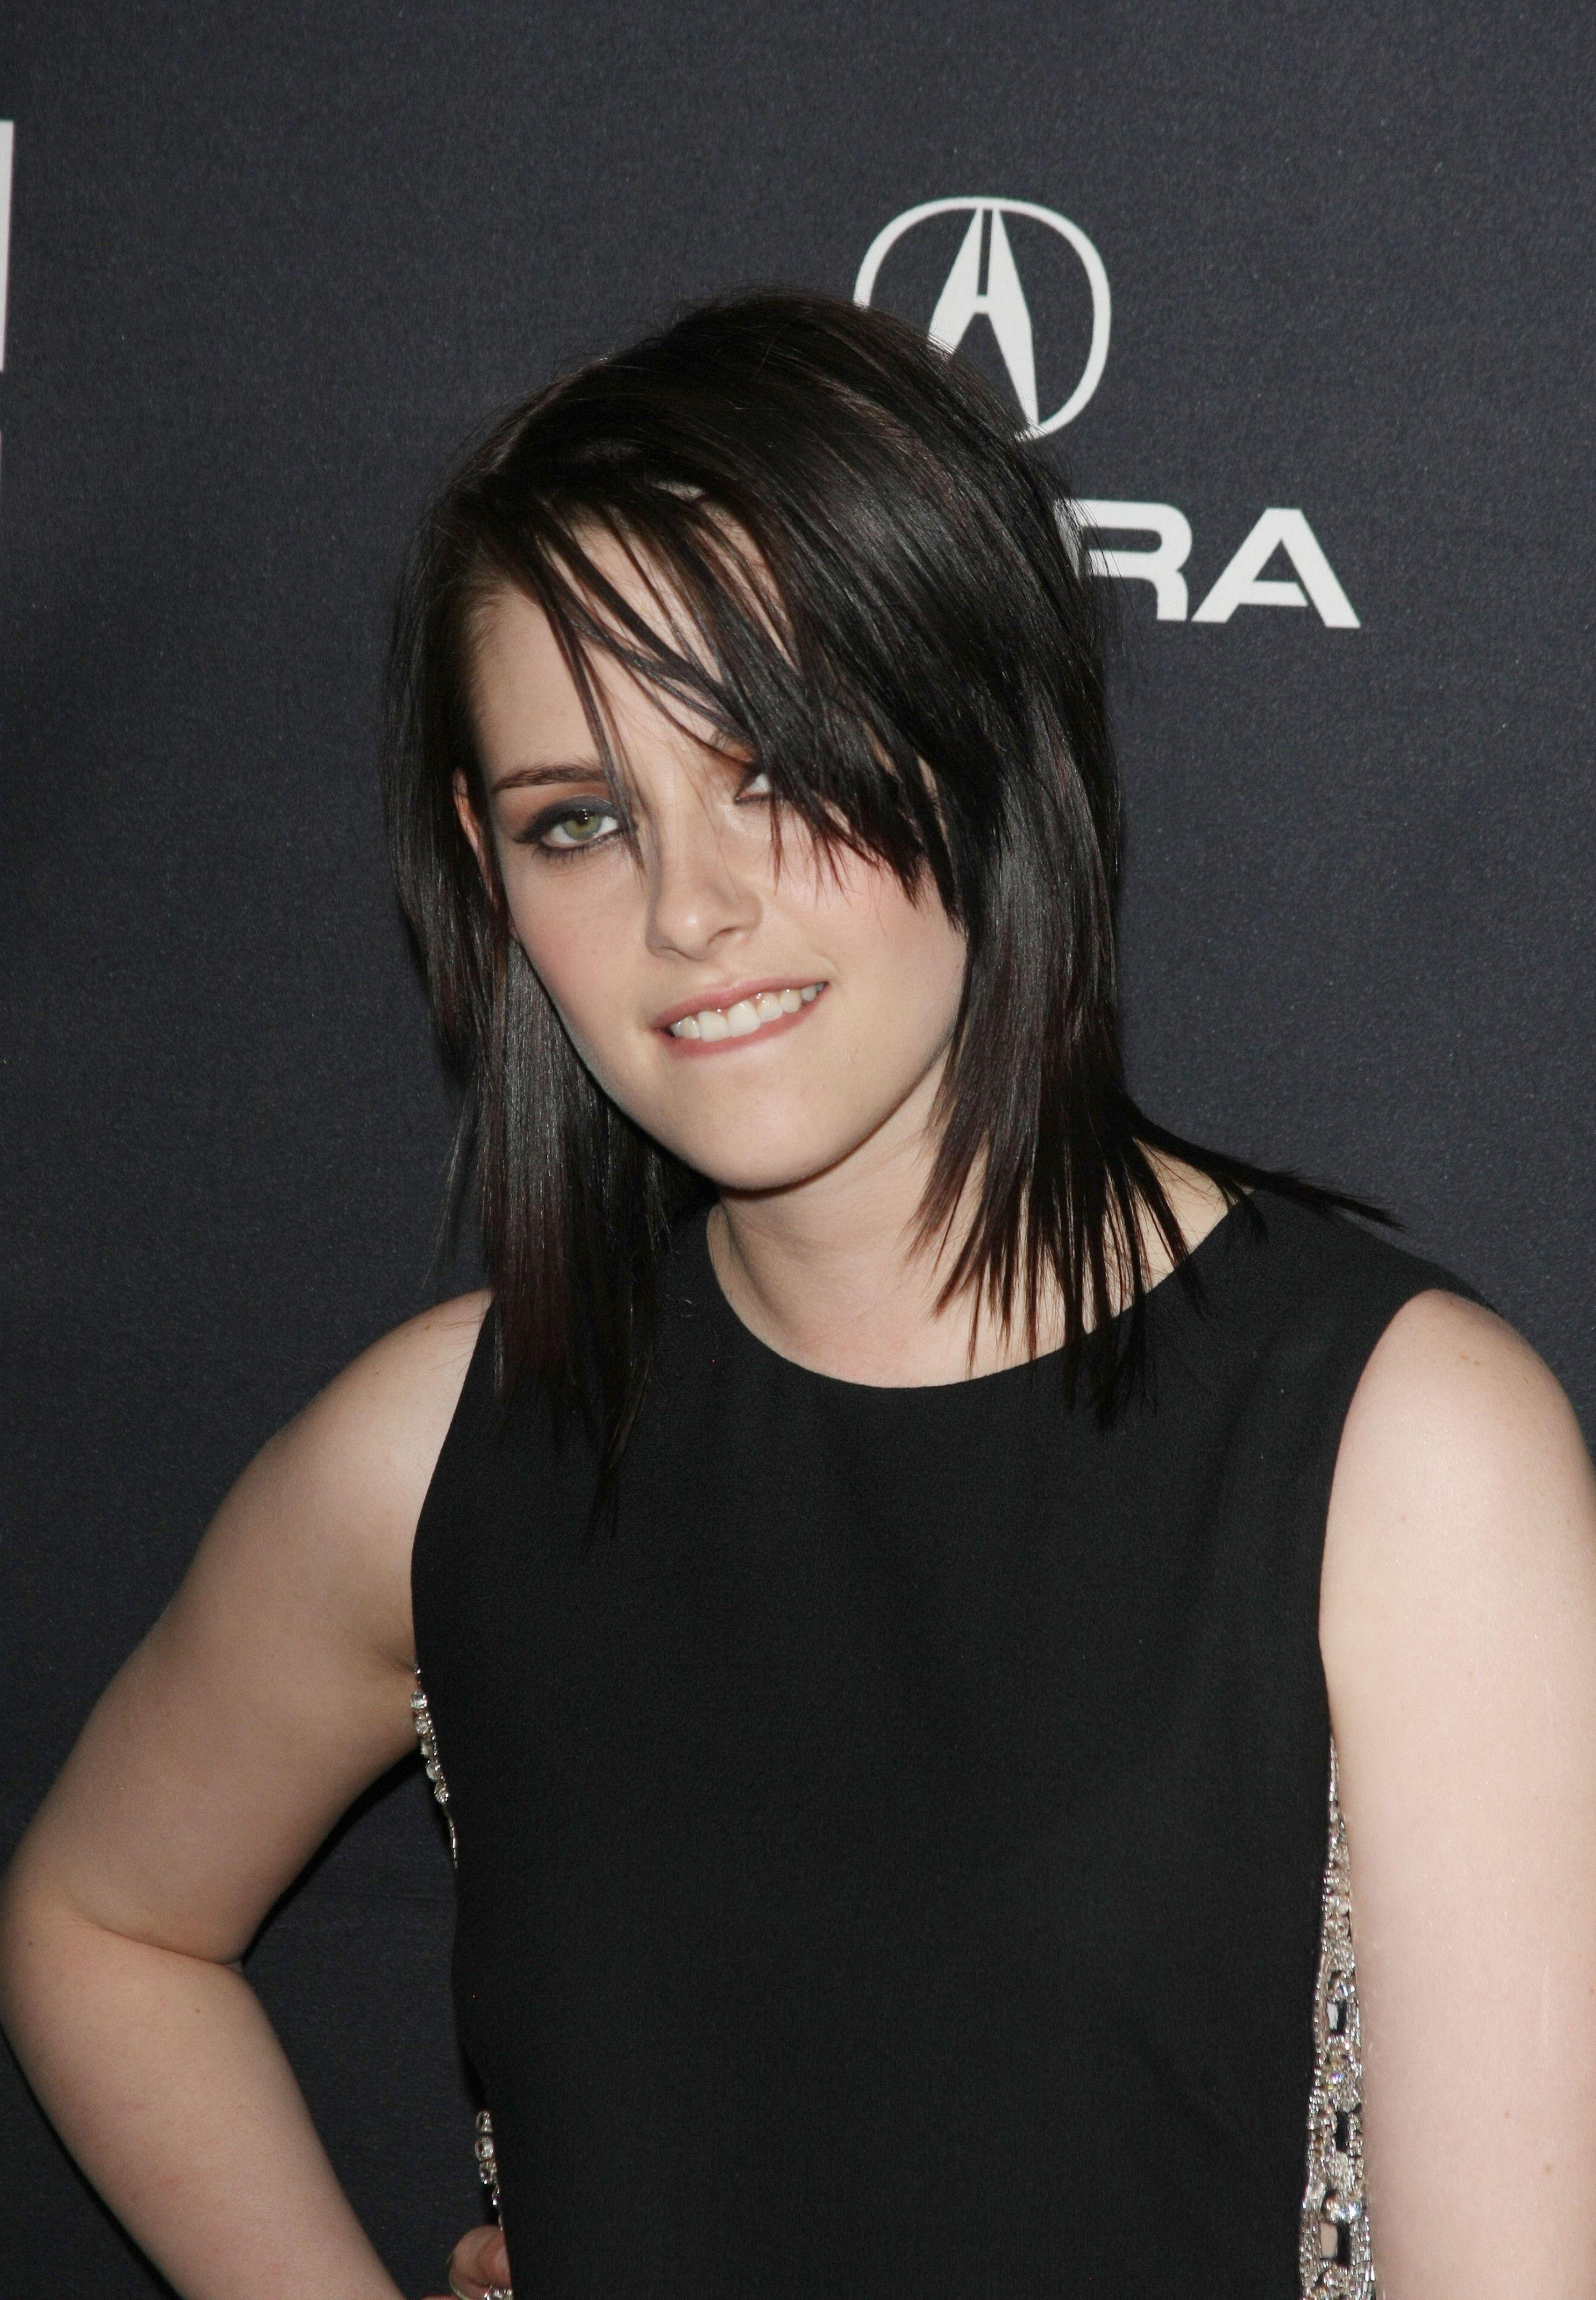 Vettri.Net - Kristen Stewart - Premiere Of Samuel Goldwyn Films The Yellow Handkerchief - Arrivals - Photo 54